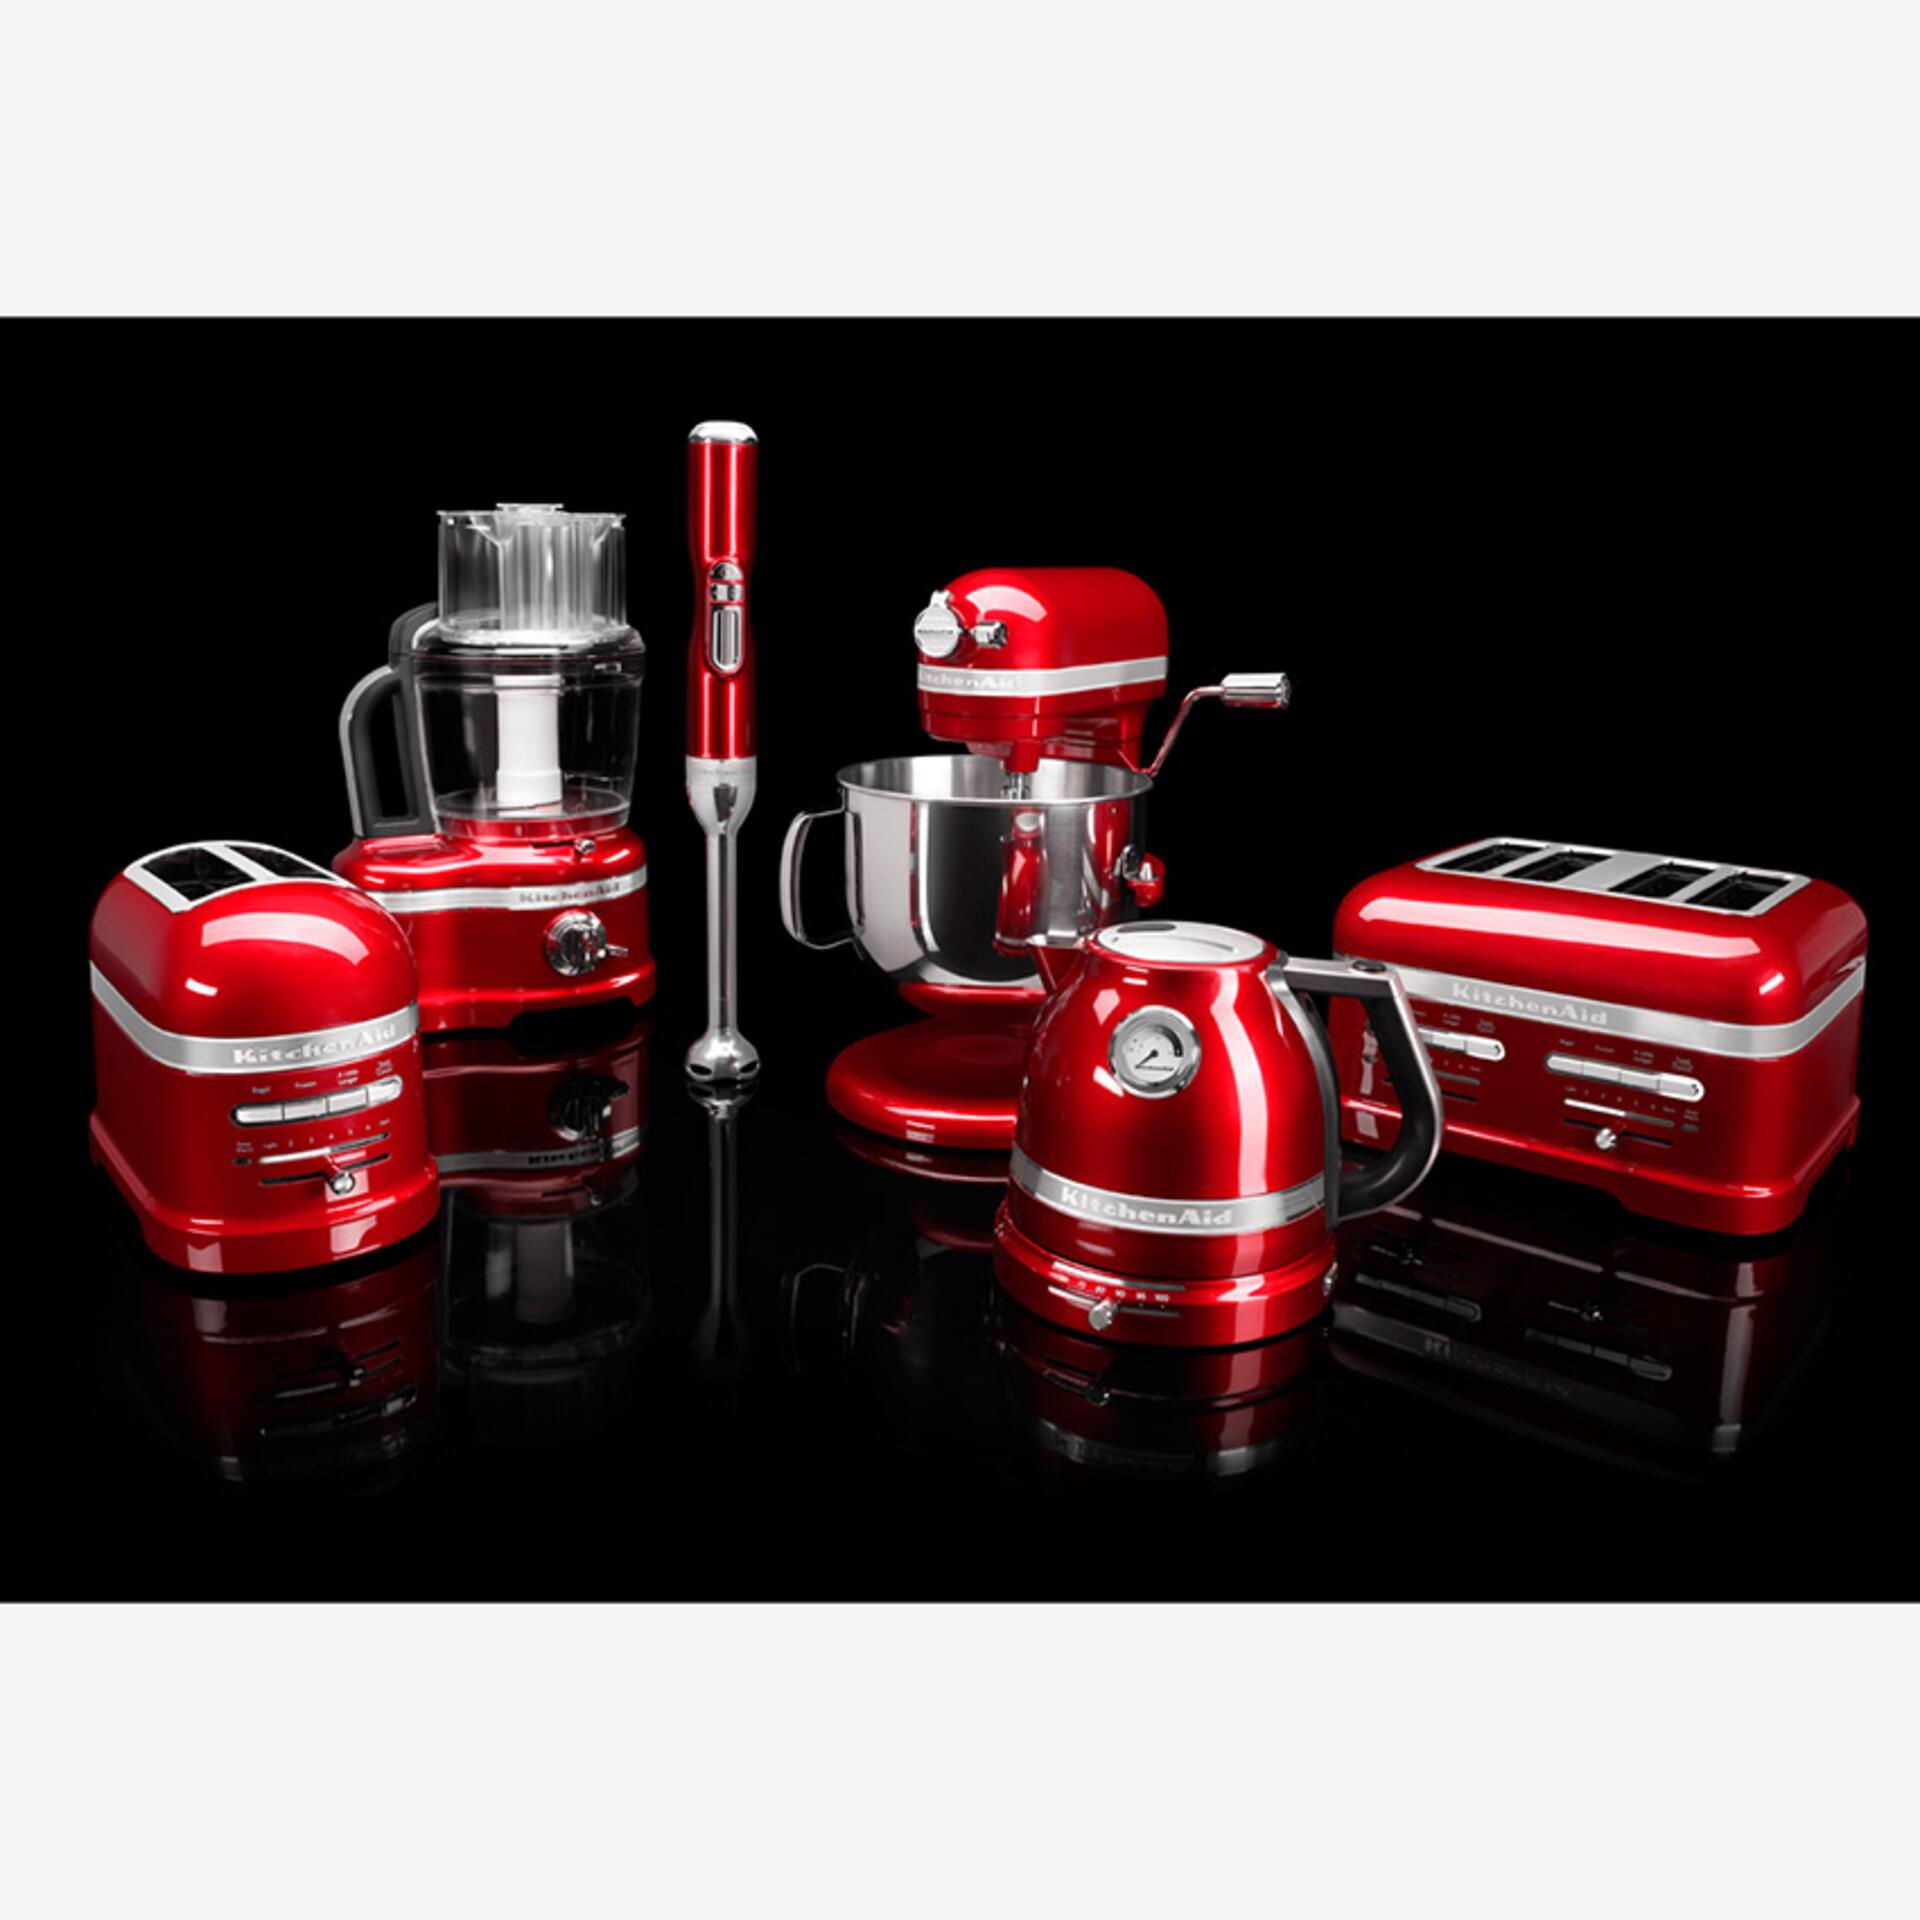 Kitchenaid 2-Scheiben-Toaster Empire Red 5KMT2204EER